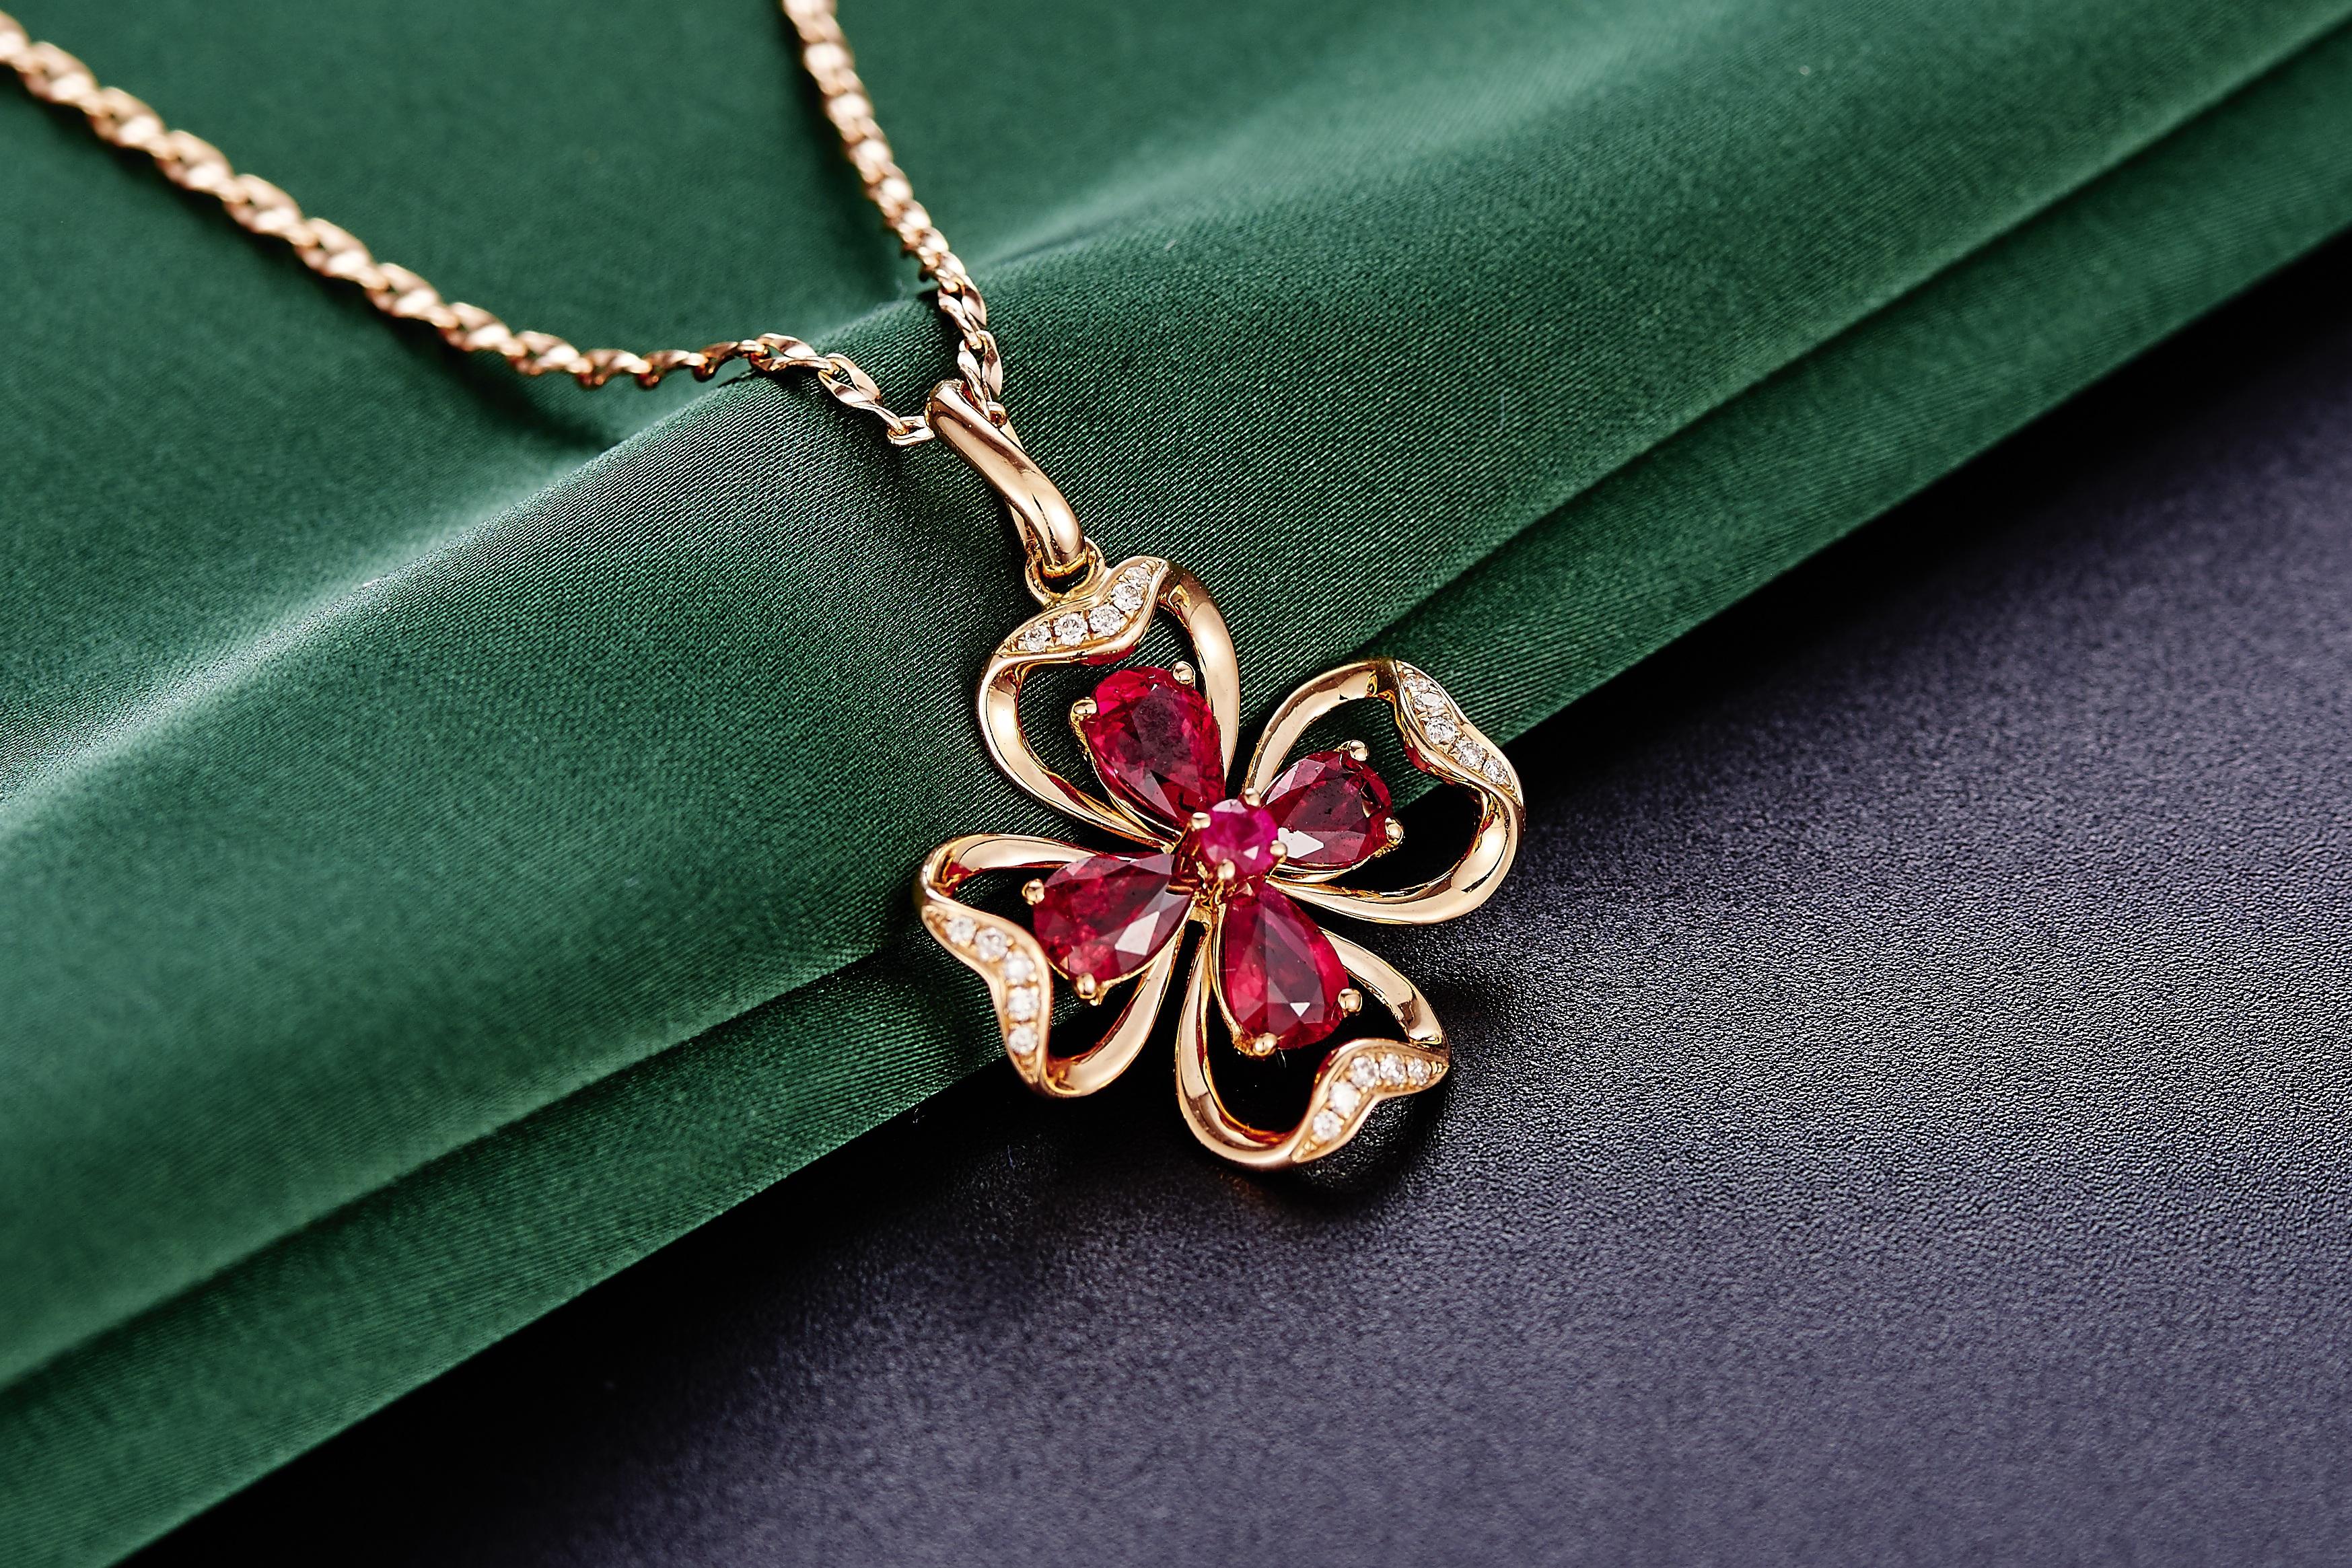 e1bd998c4d60 cadena verde joyería collar joyería rubí piedra preciosa colgante Accesorio  de moda